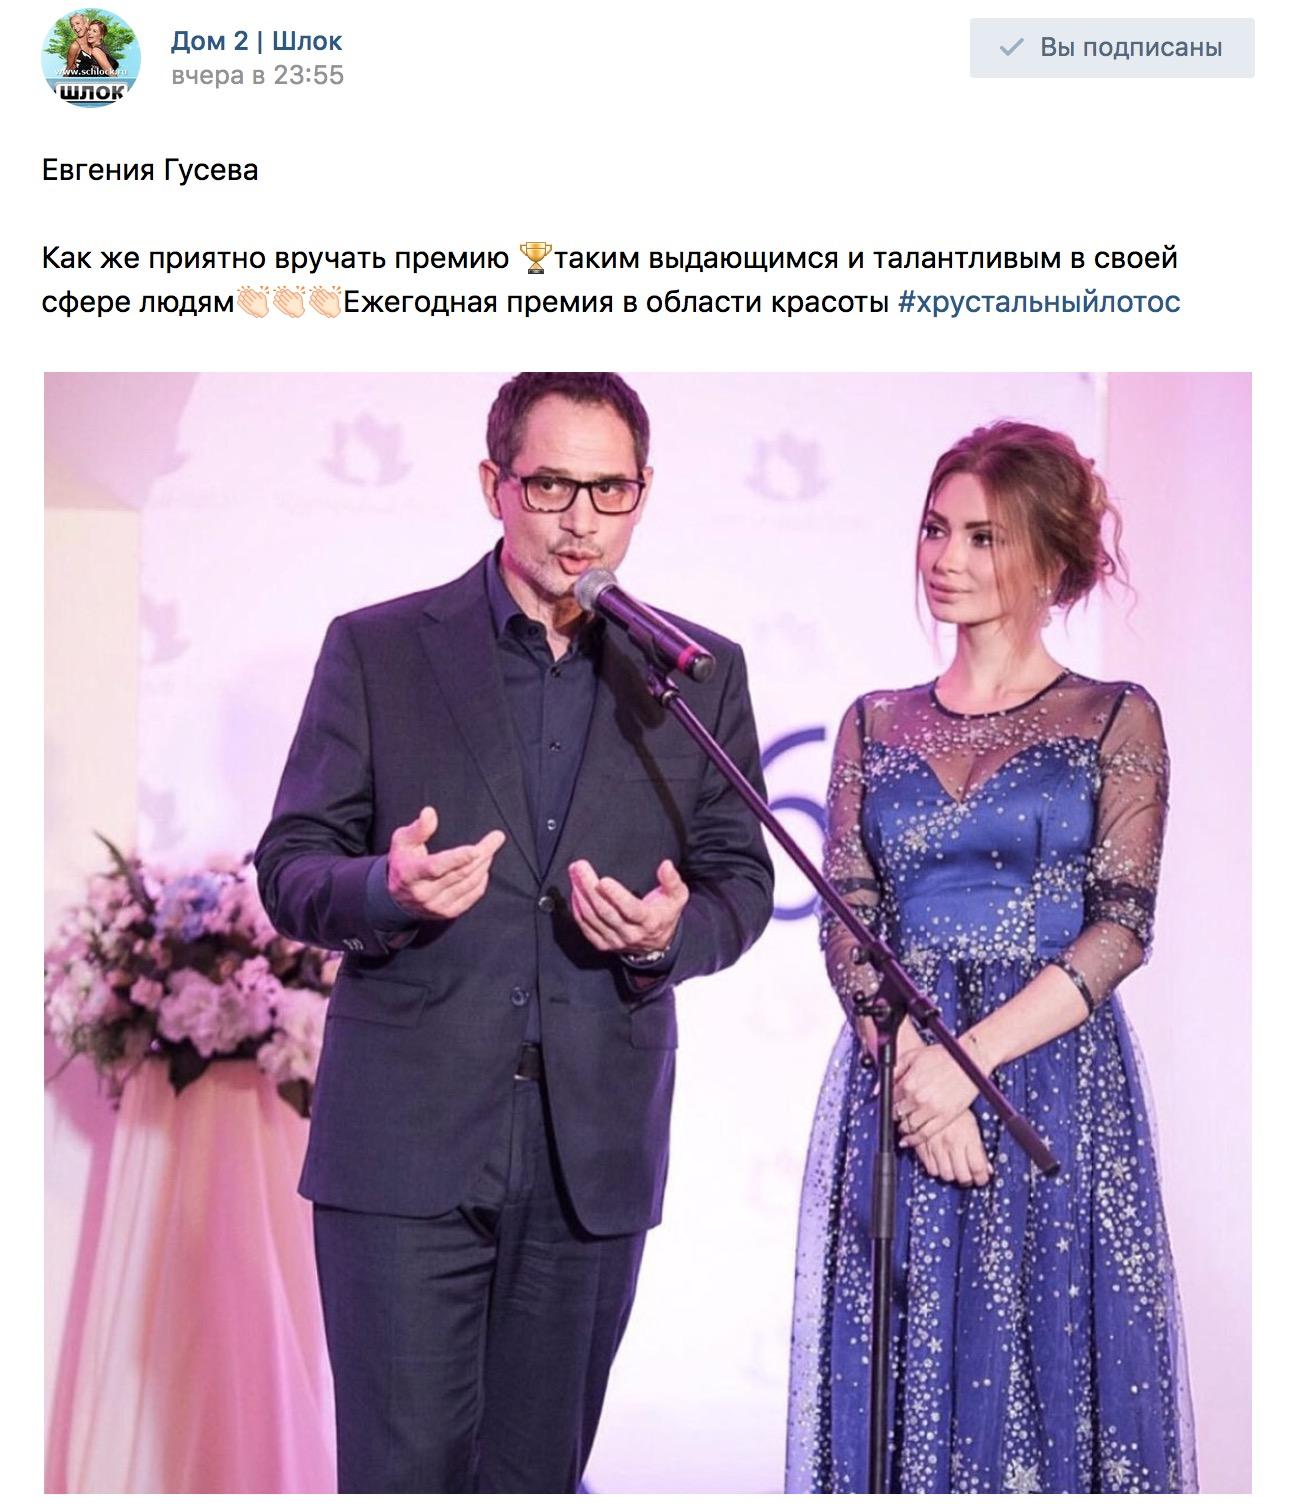 Евгения Гусева. Как же приятно вручать премию ?